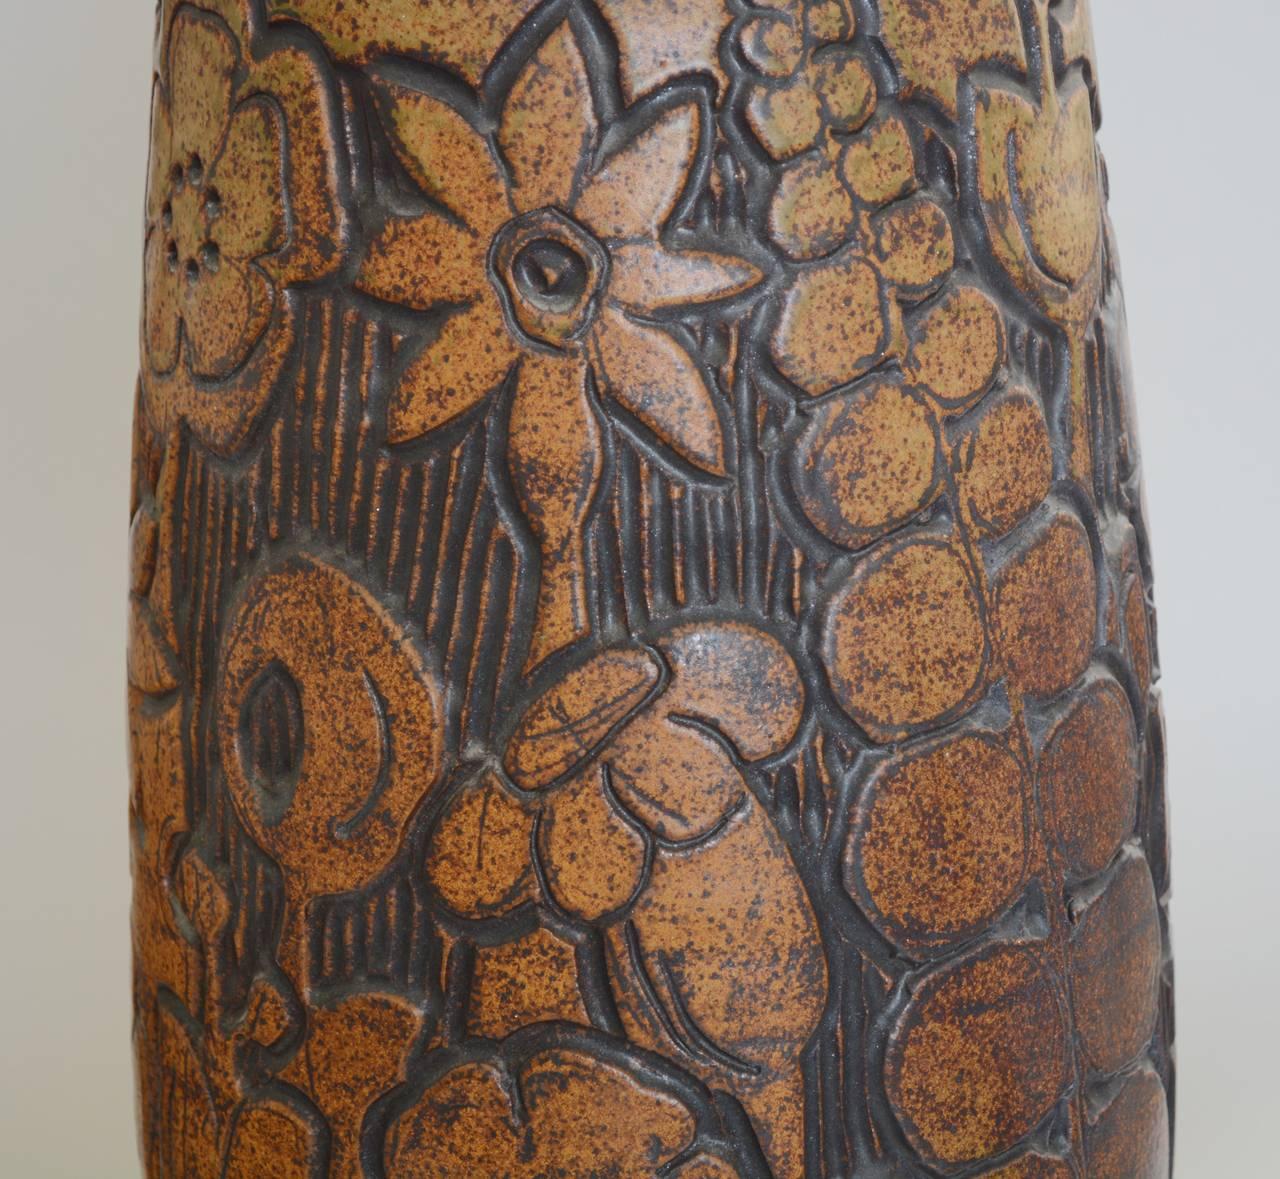 Stoneware Monumental Andrew Bergloff Studio Pottery Floor Vase For Sale